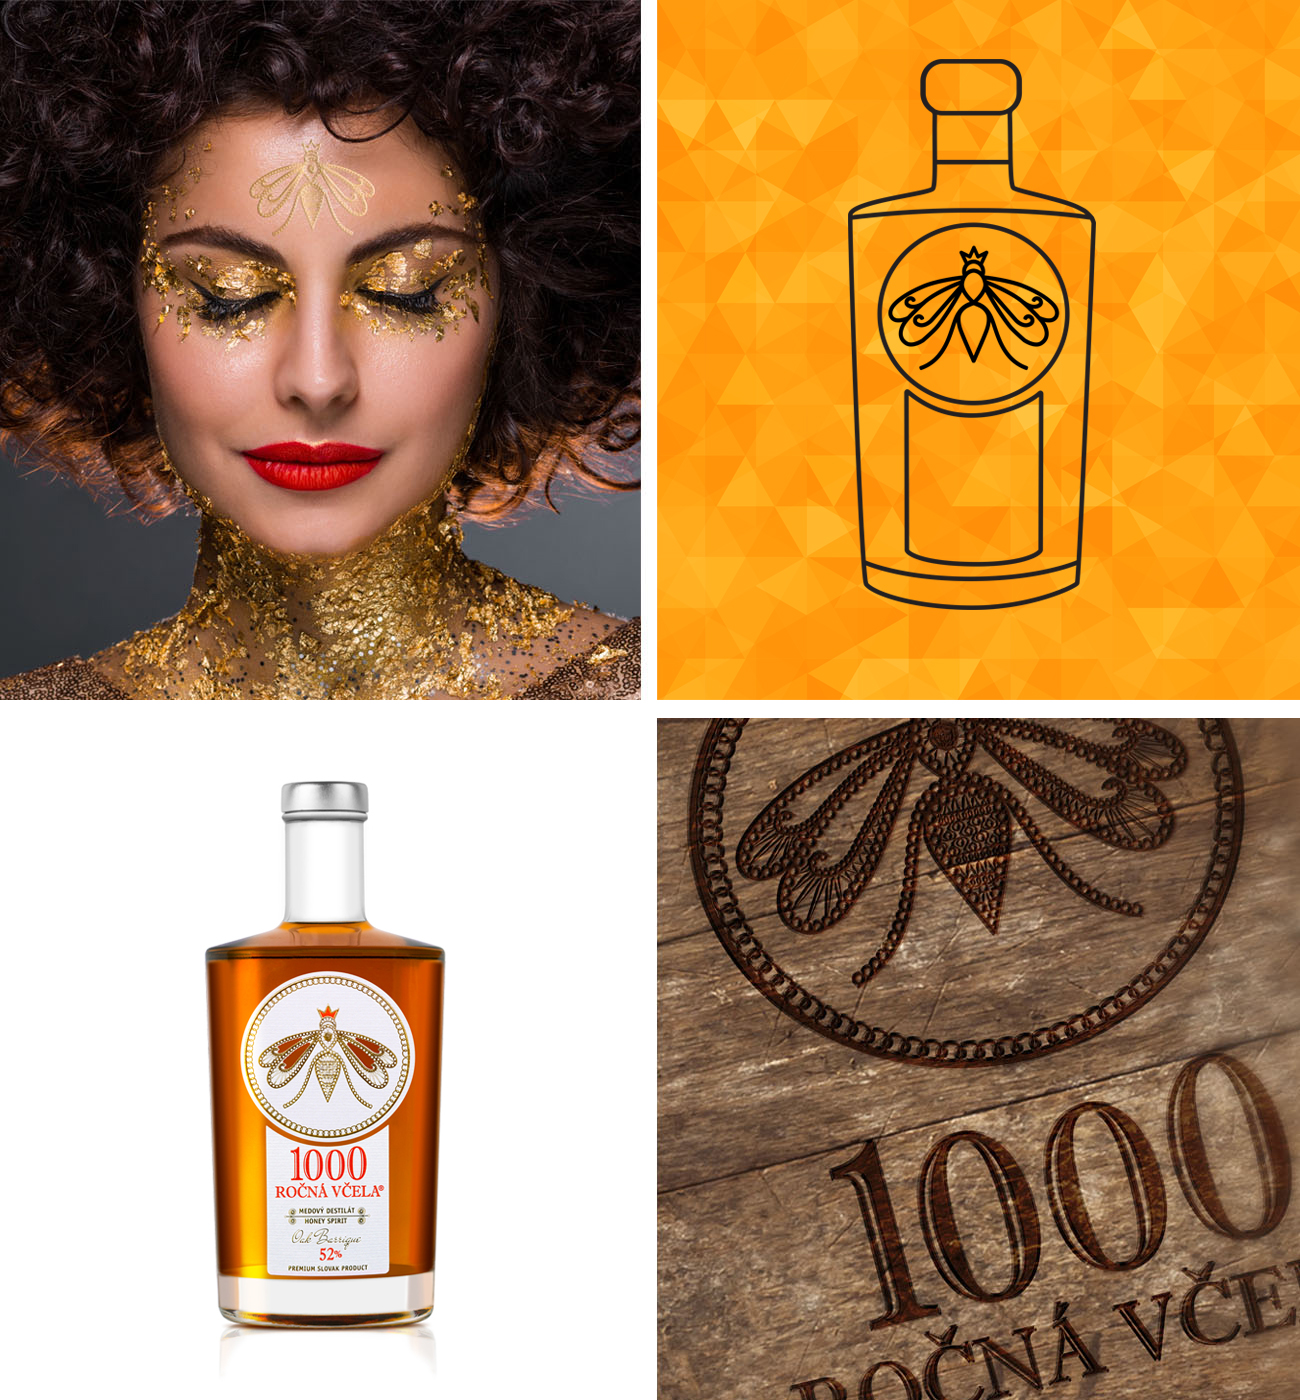 1000 ročná včela branding